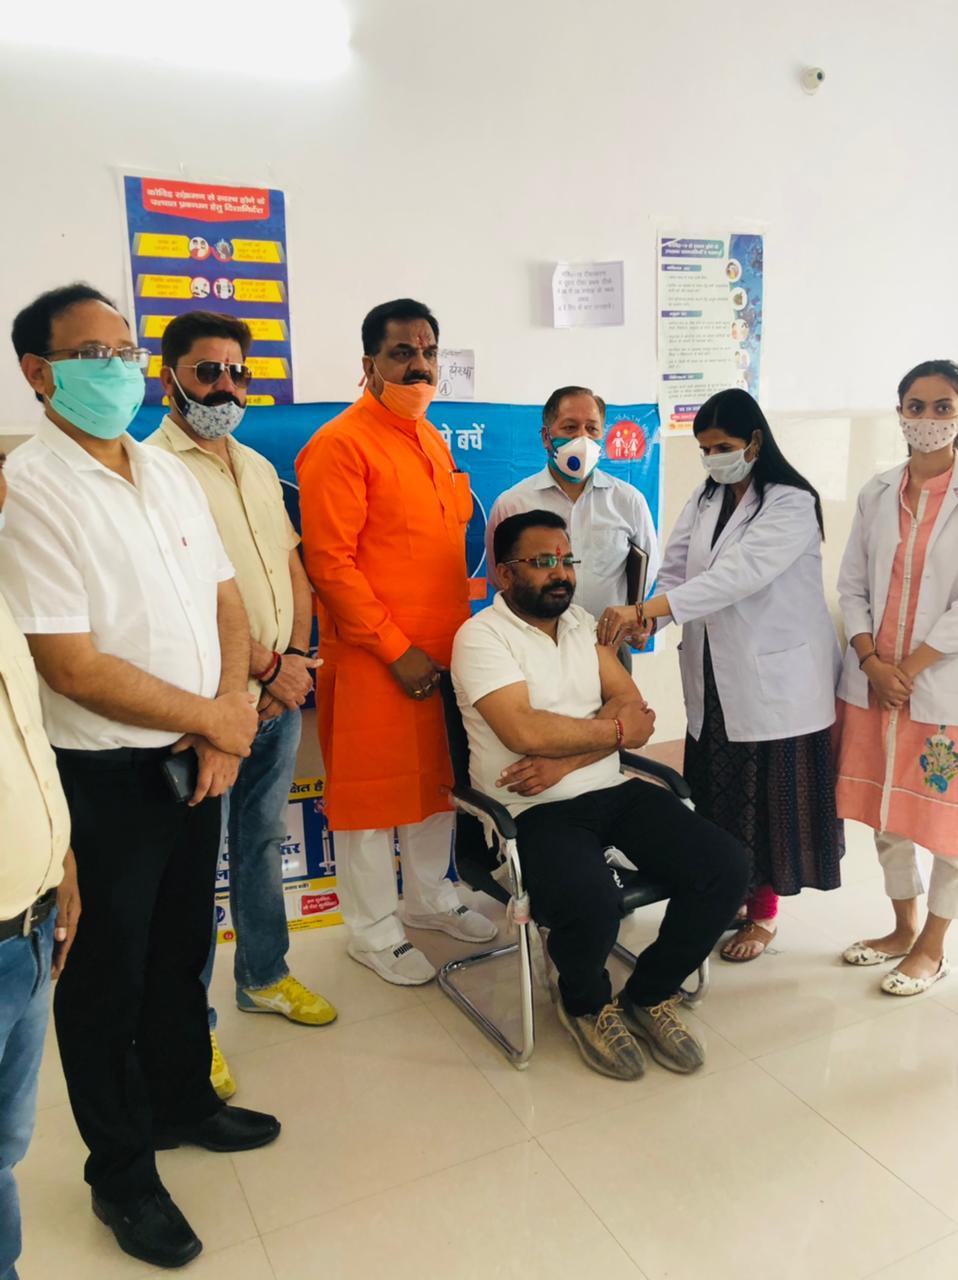 रुद्रपुर मेडिकल कॉलेज में टीका उत्सव का उद्घाटन